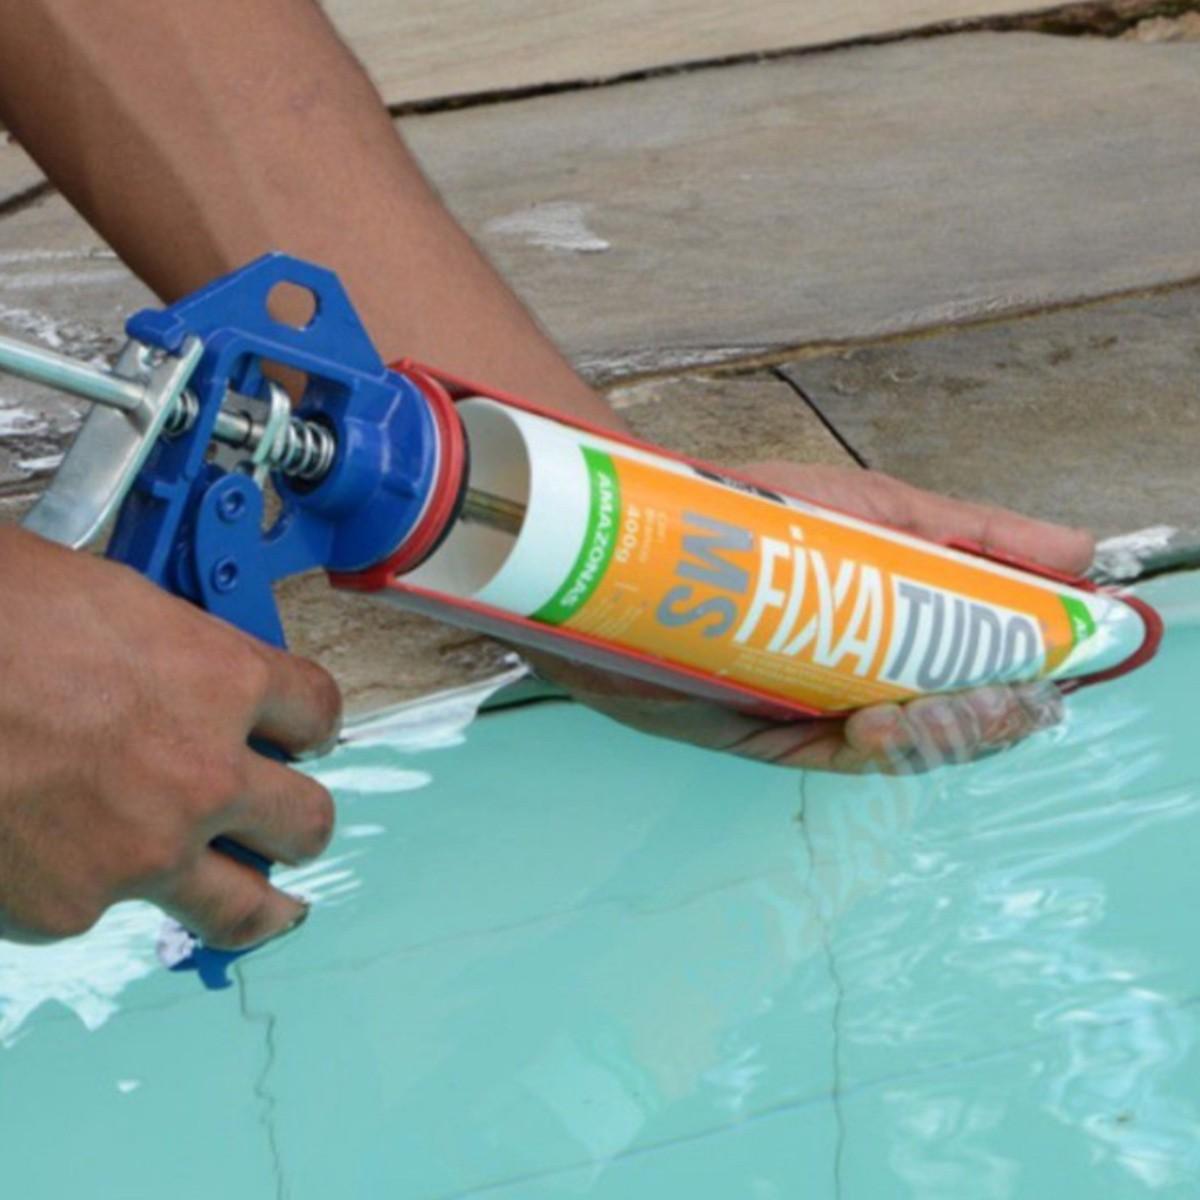 Kit 2 Cola Fixa Tudo Ms 400g Amazonas